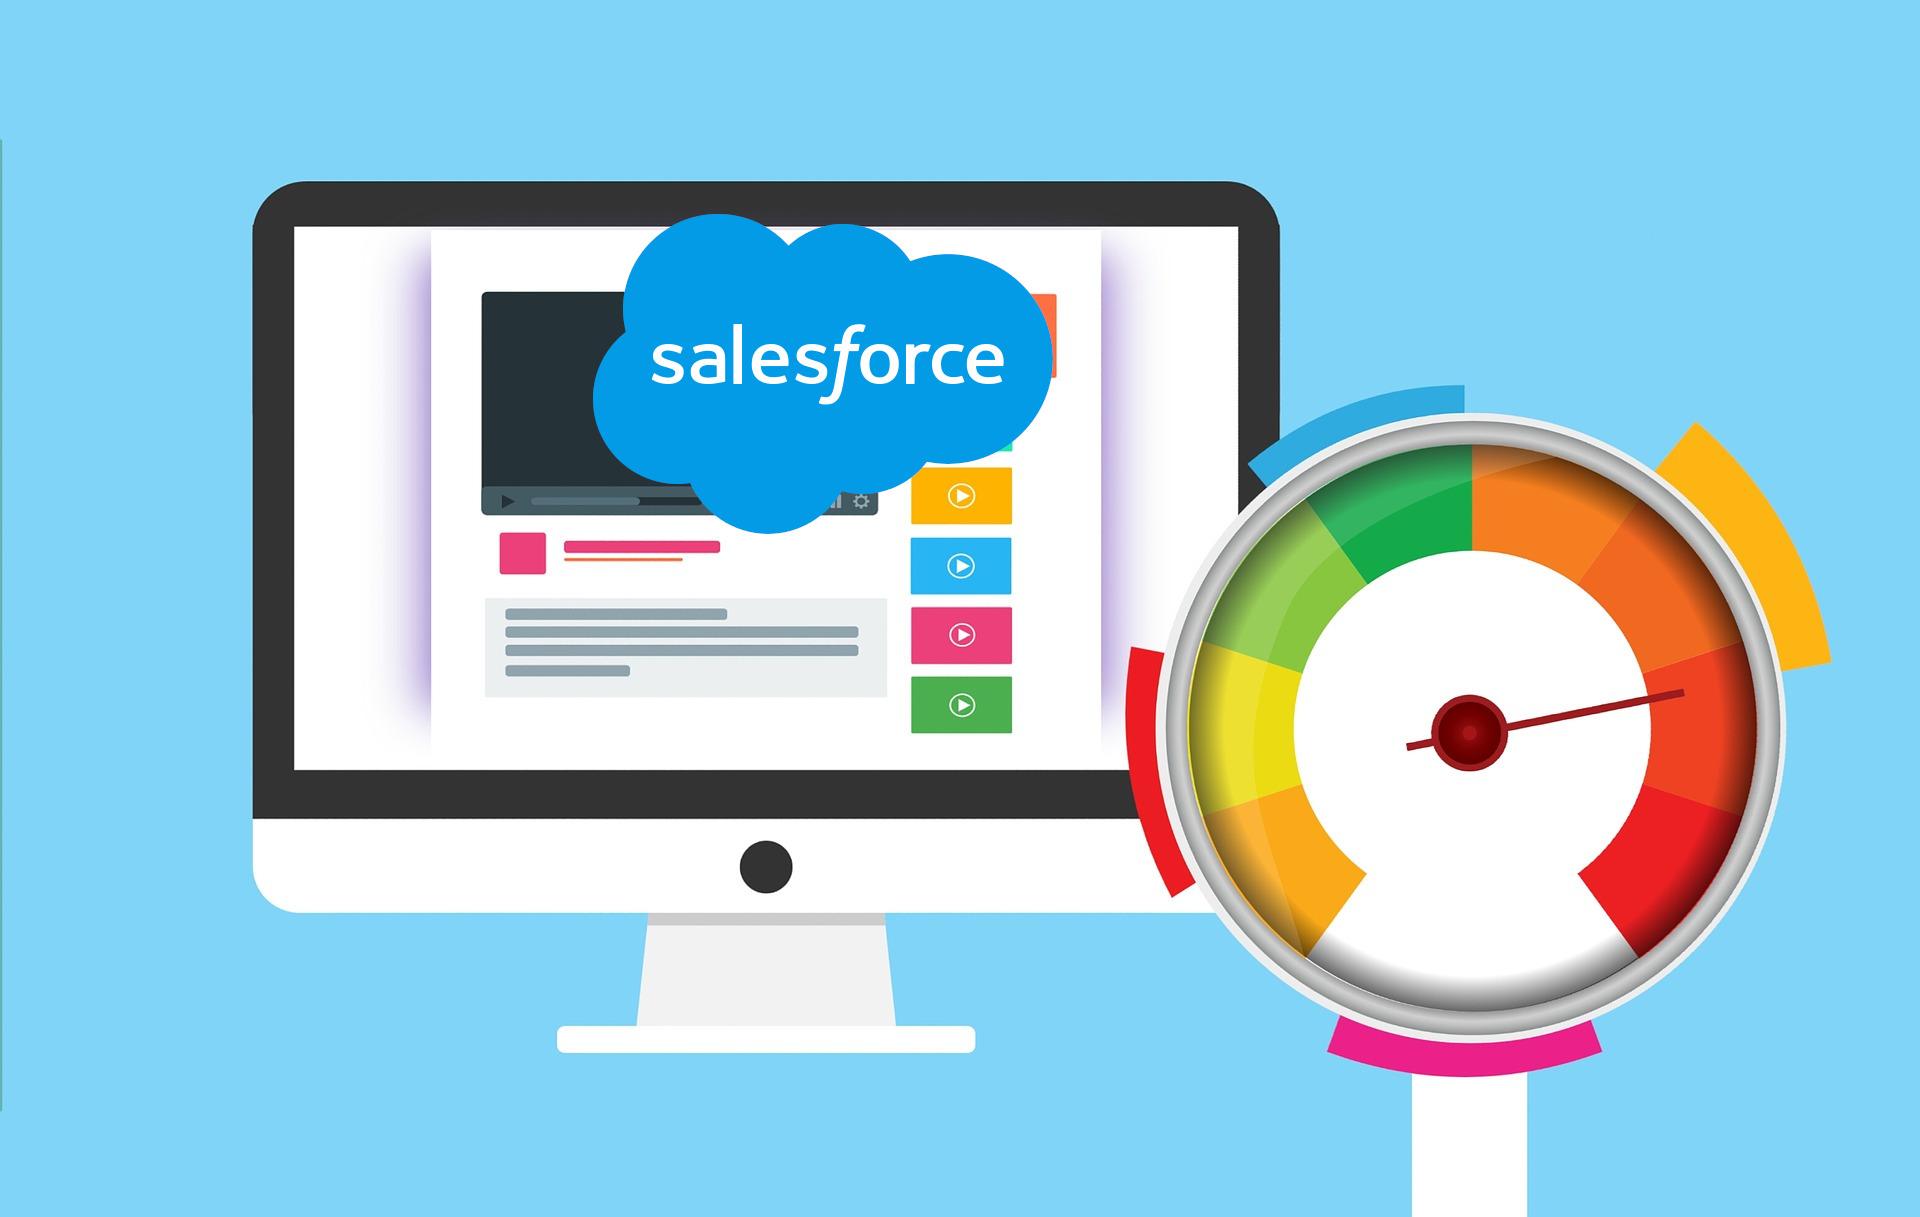 【初心者向け】Salesforceのダッシュボード作成